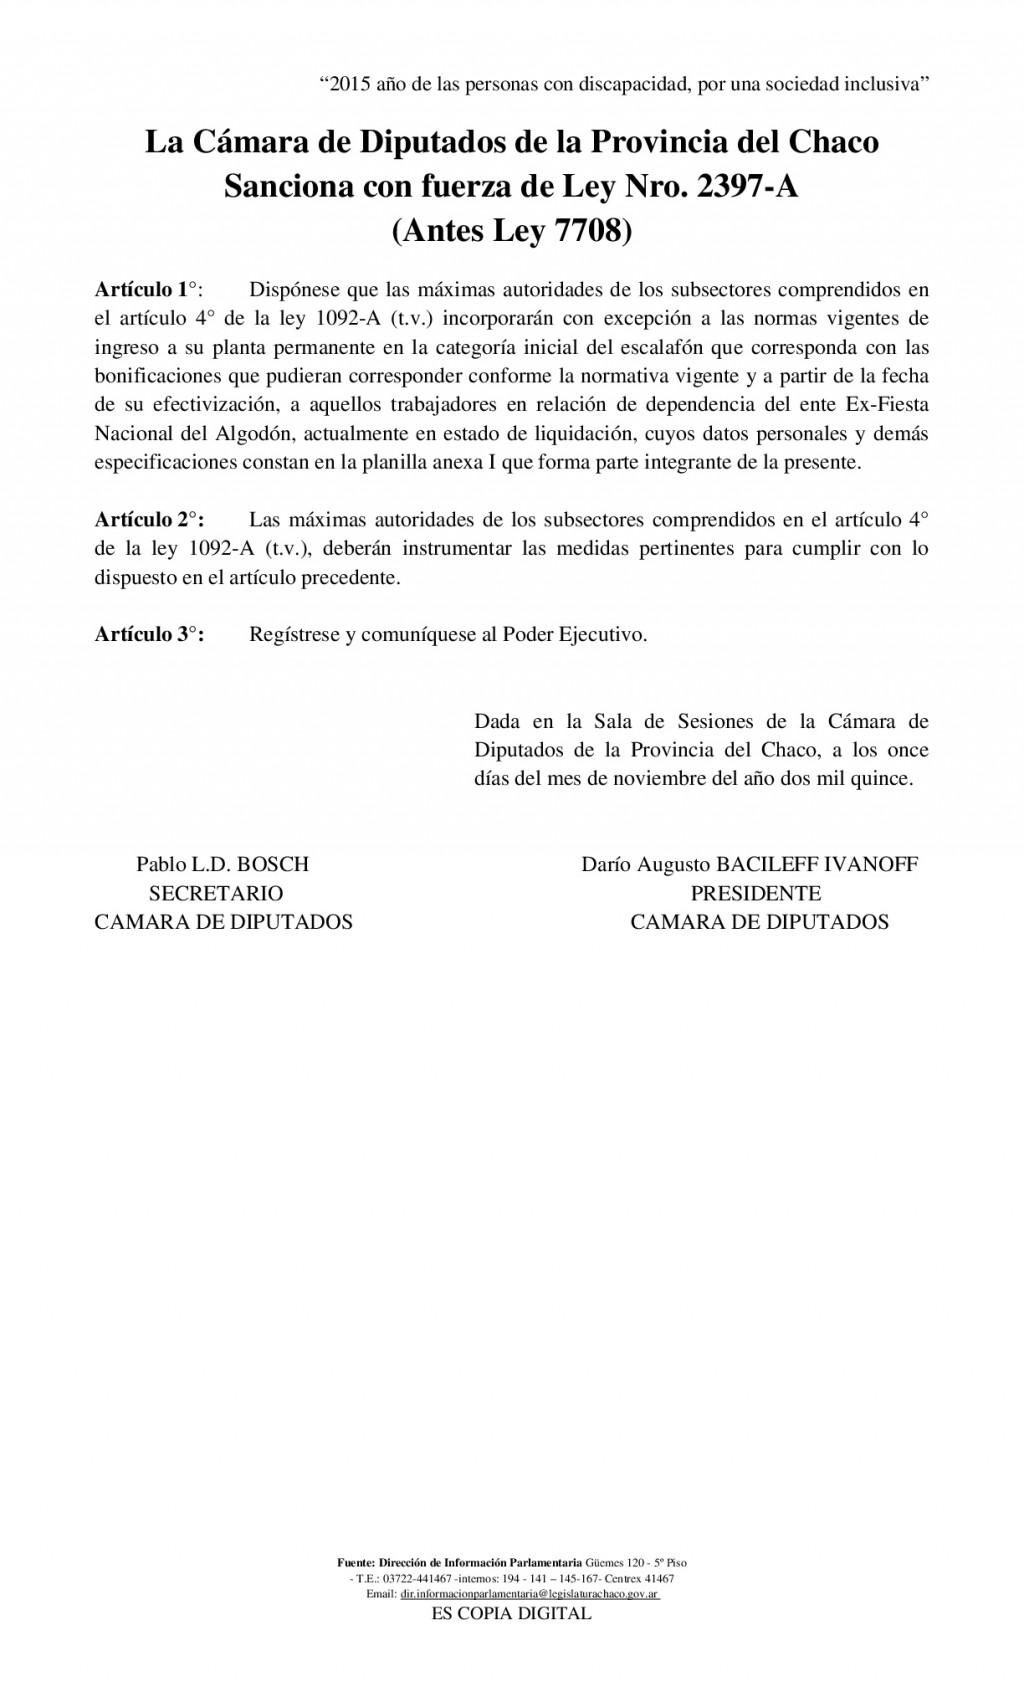 GOBIERNO INFORMA SOBRE PASE A PLANTA DE LOS EMPLEADOS DE LA EX FIESTA NACIONAL DEL ALGODÓN